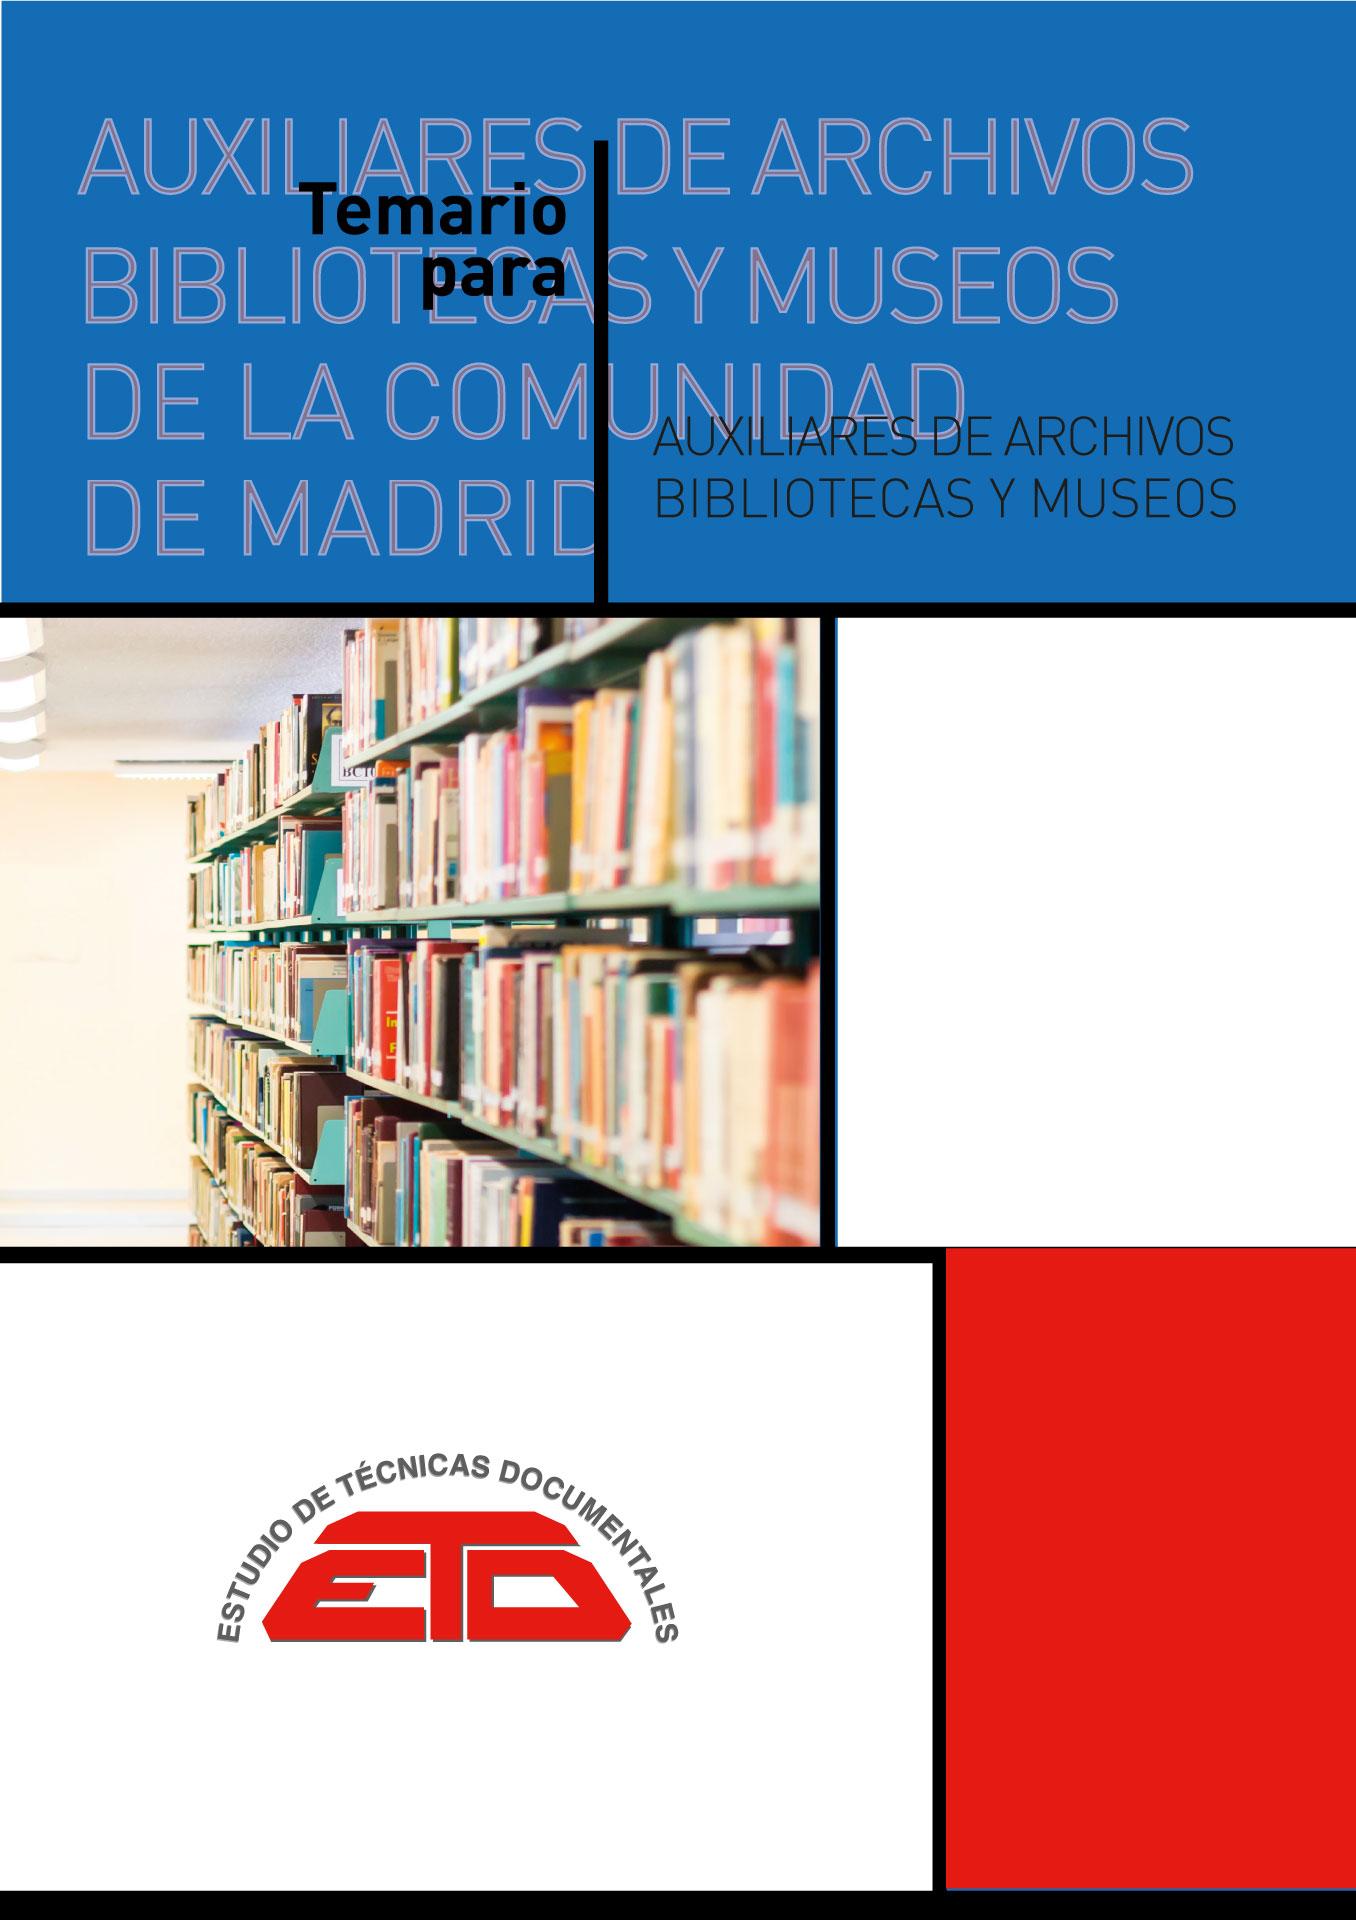 Temario para Técnicos Auxiliares de Archivos, Bibliotecas